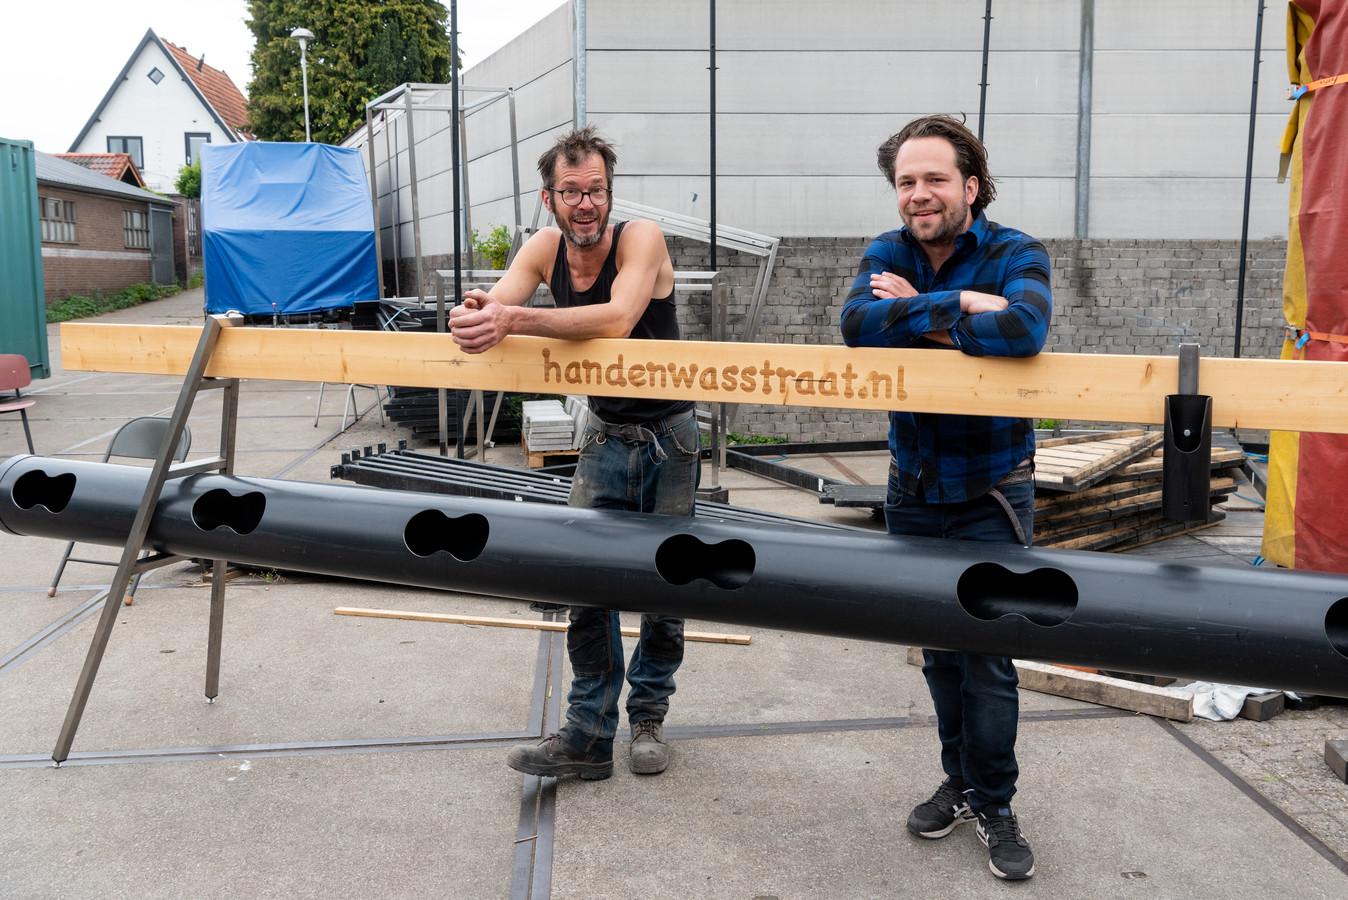 Brandwacht tentenverhuurv  verslag: Piet van Dijk